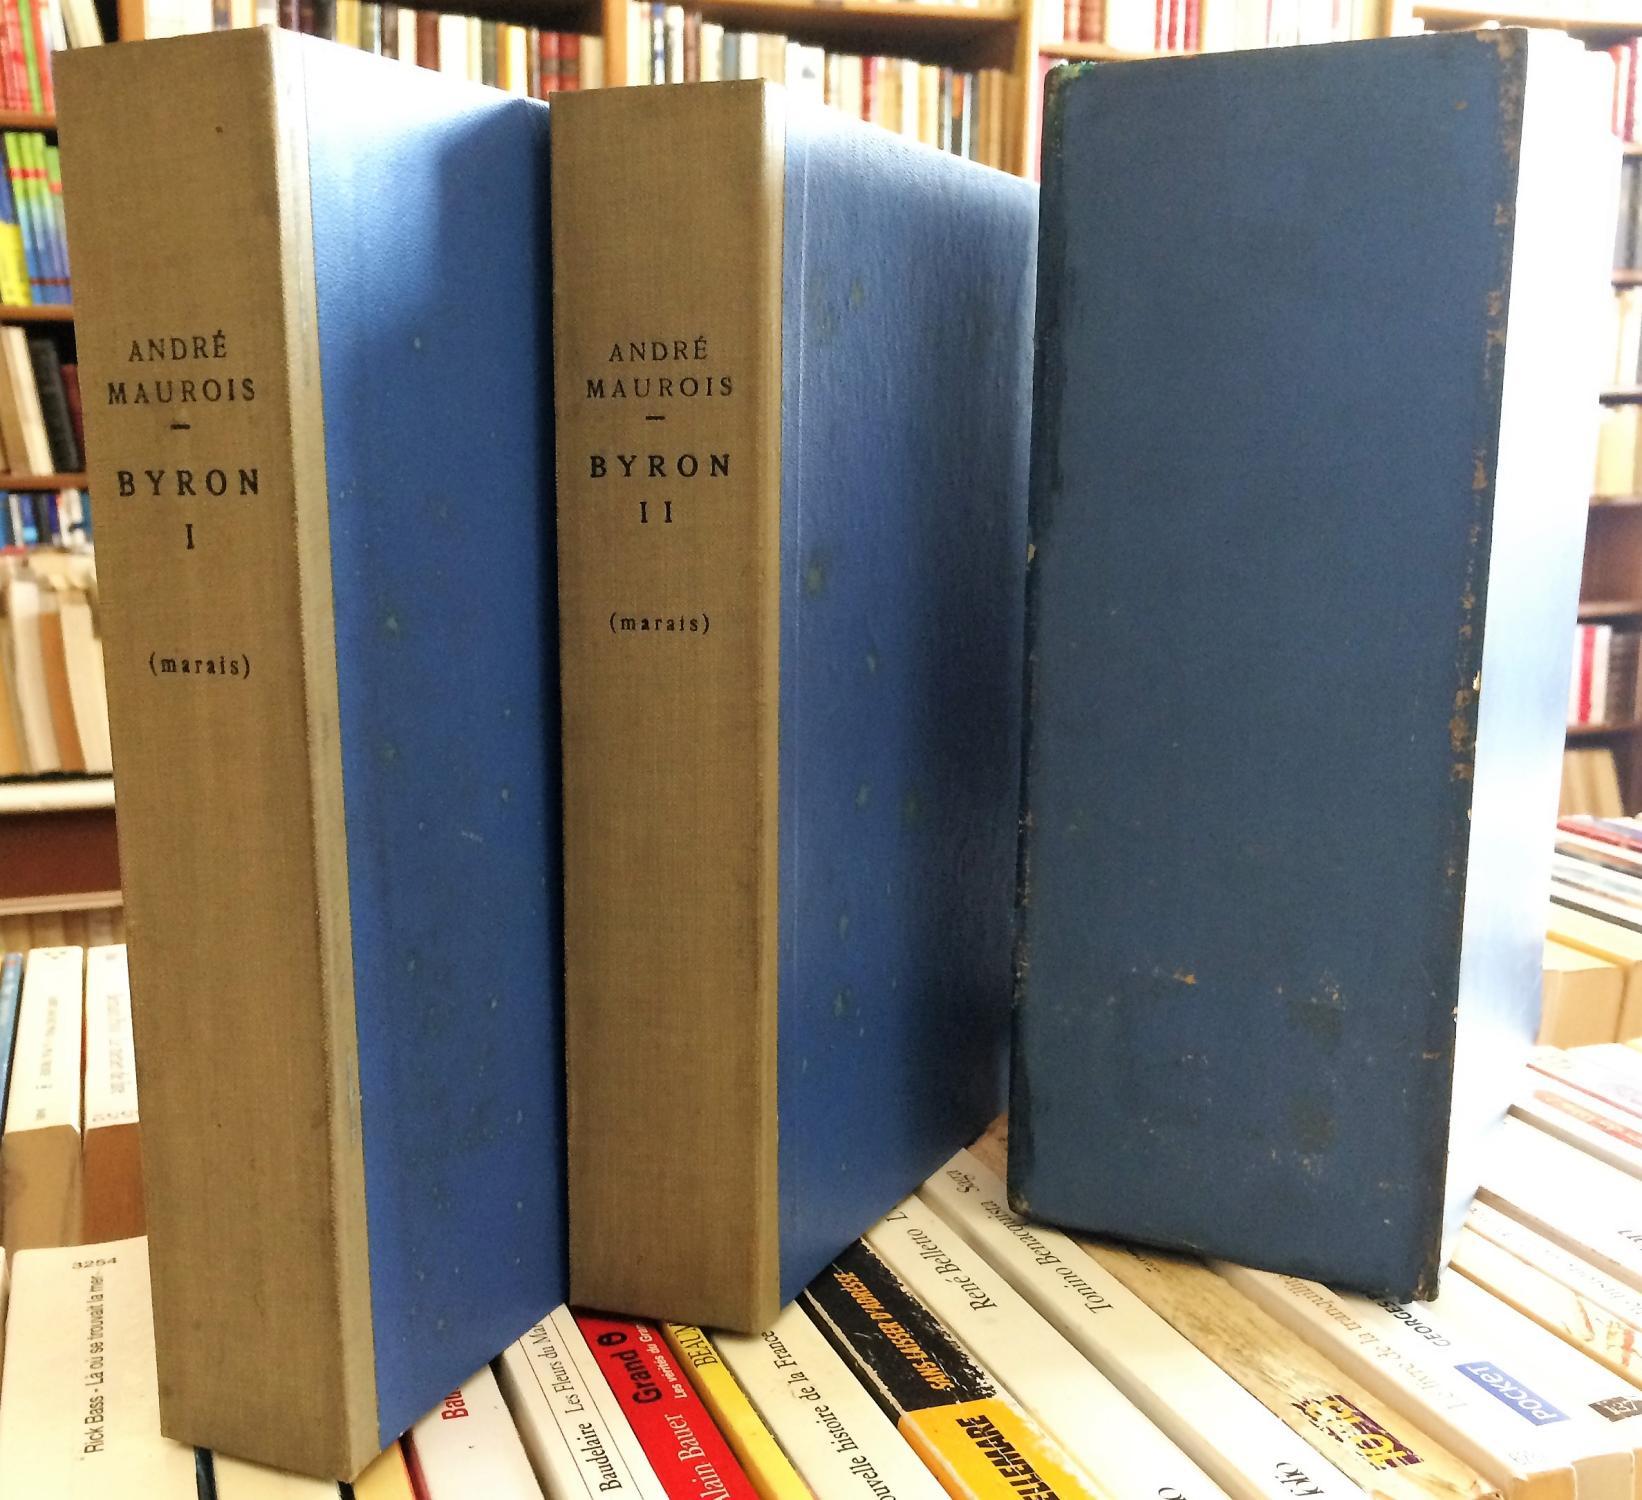 Byron_en_2_volumes_MAUROIS_André_Très_bon_Couverture_souple